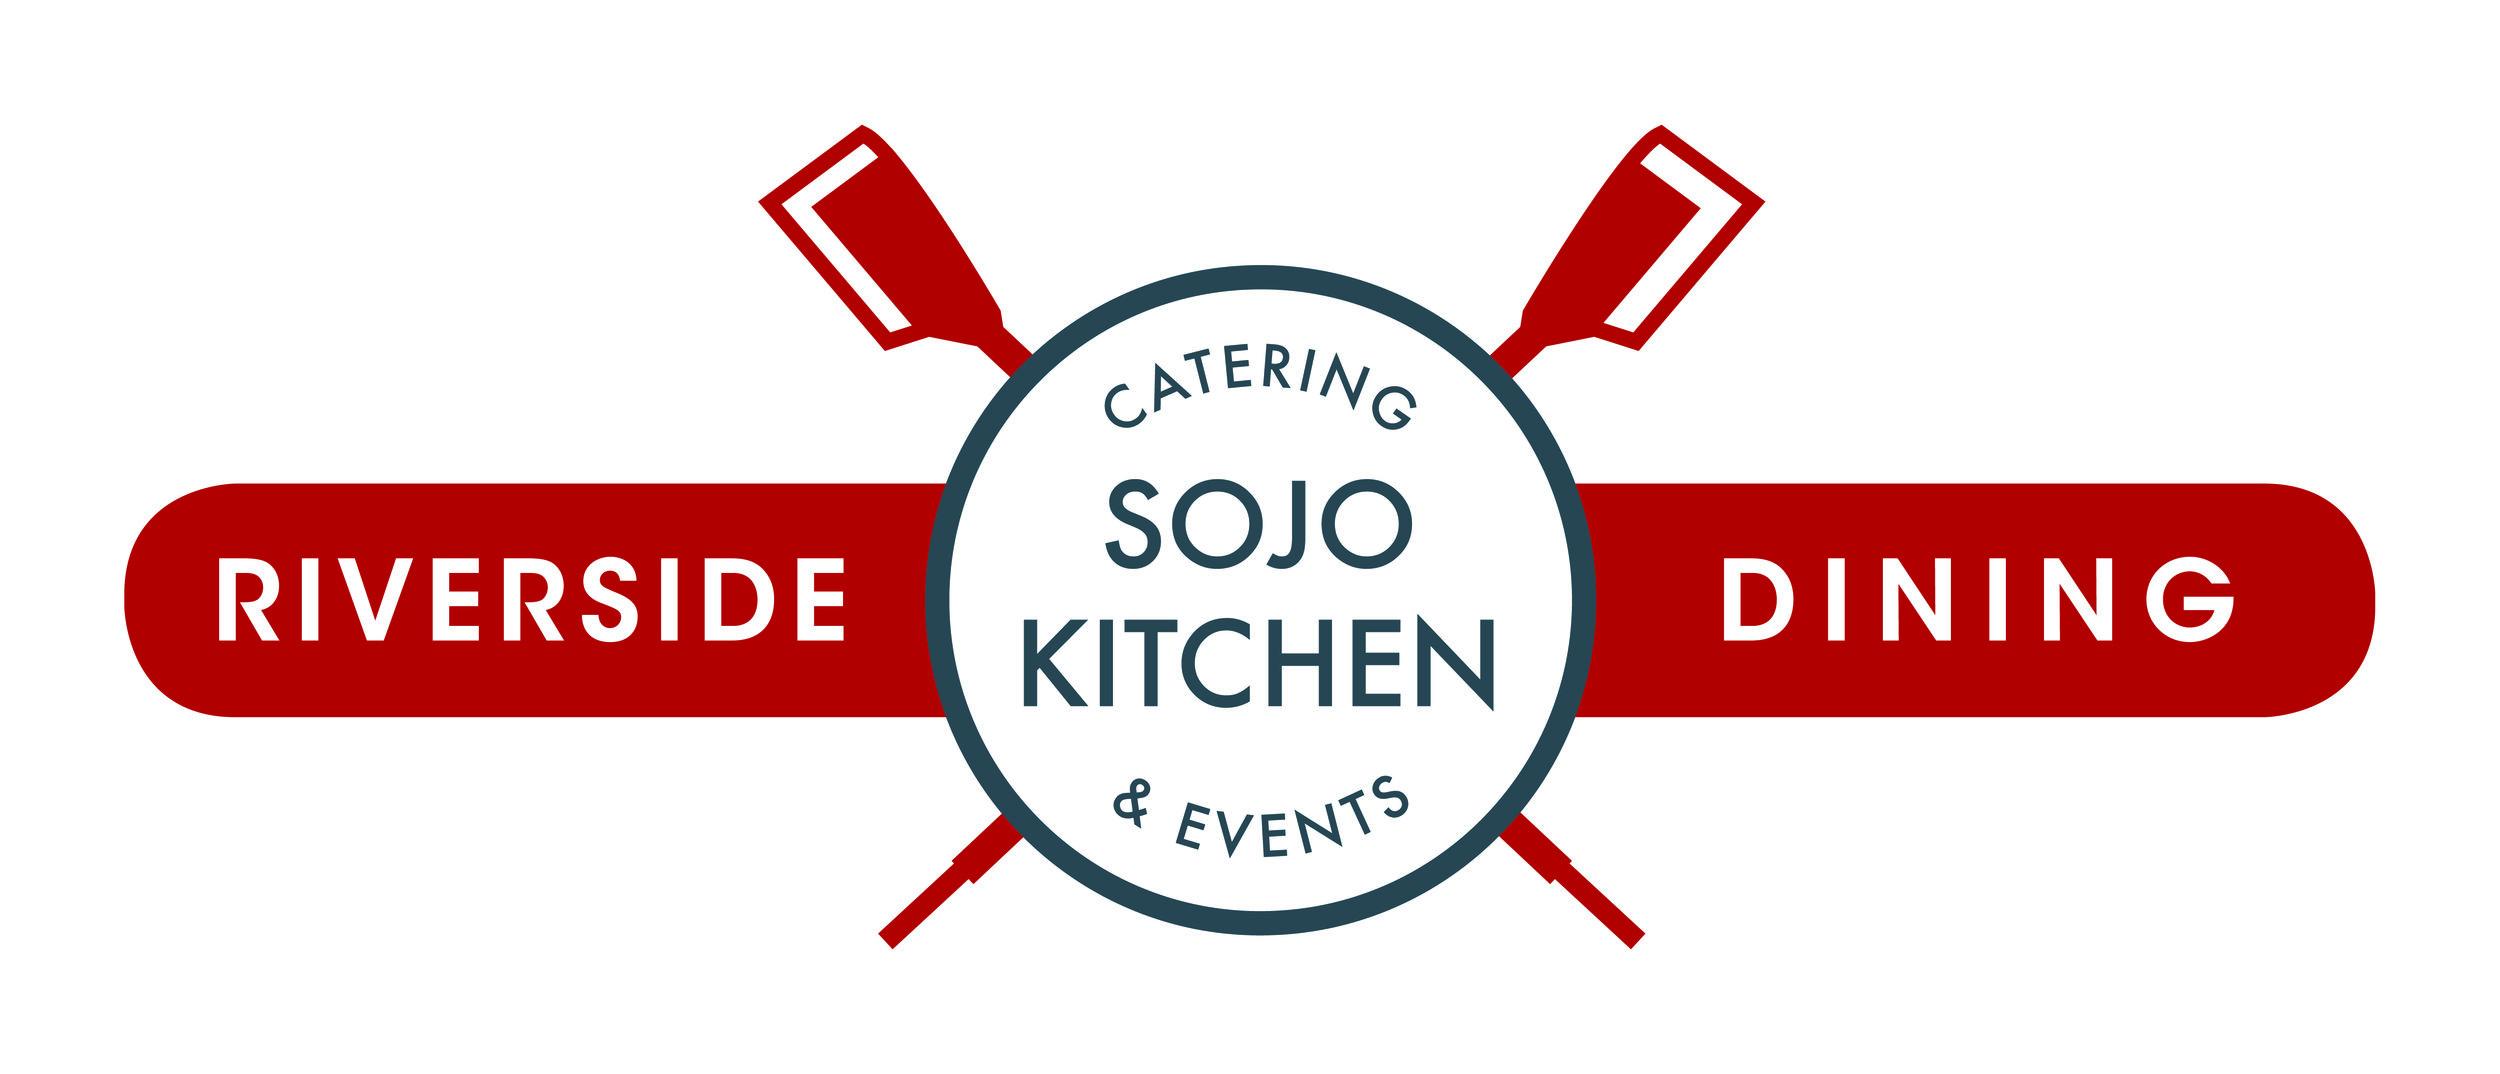 Riverside dining logo_2.jpg